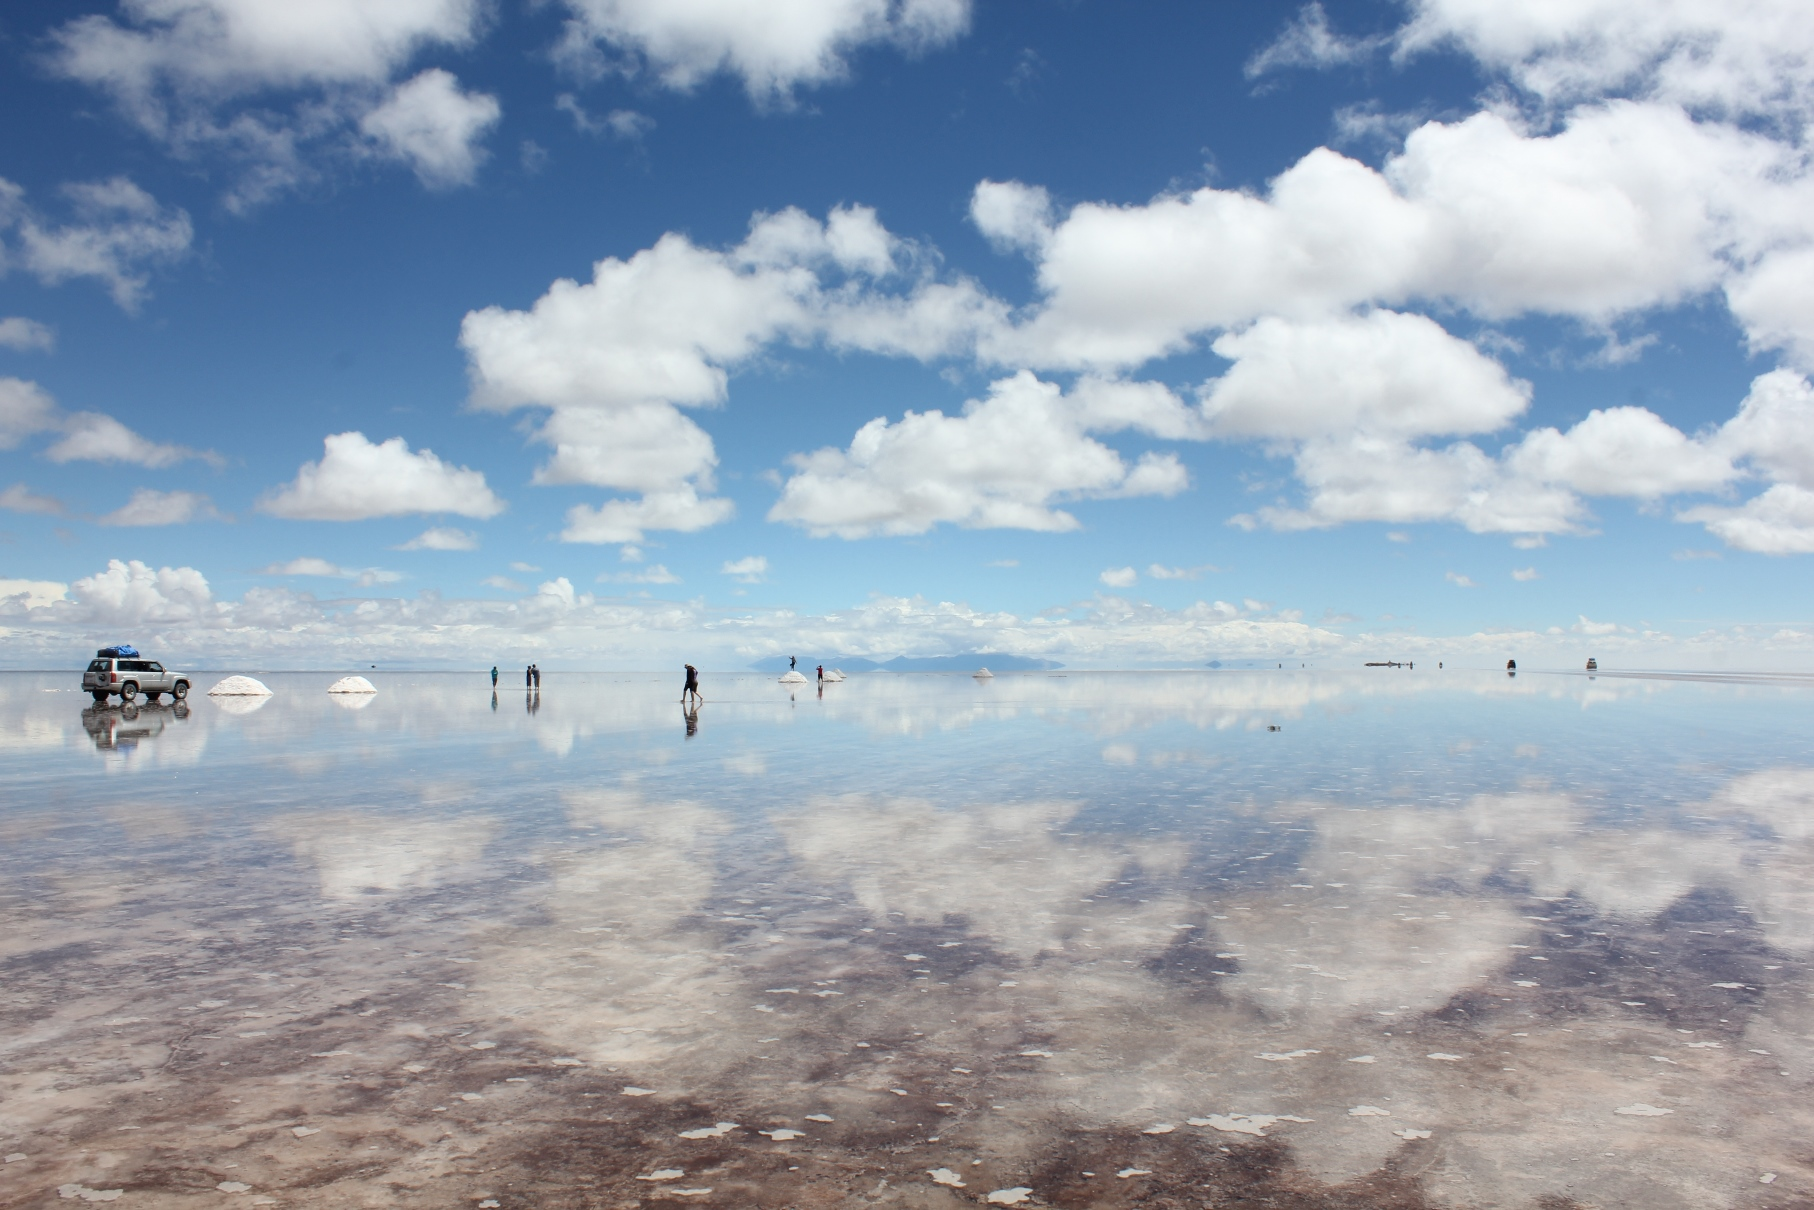 2月23日出発「マチュピチュ遺跡&ウユニ塩湖絶景探訪の旅 12日間」